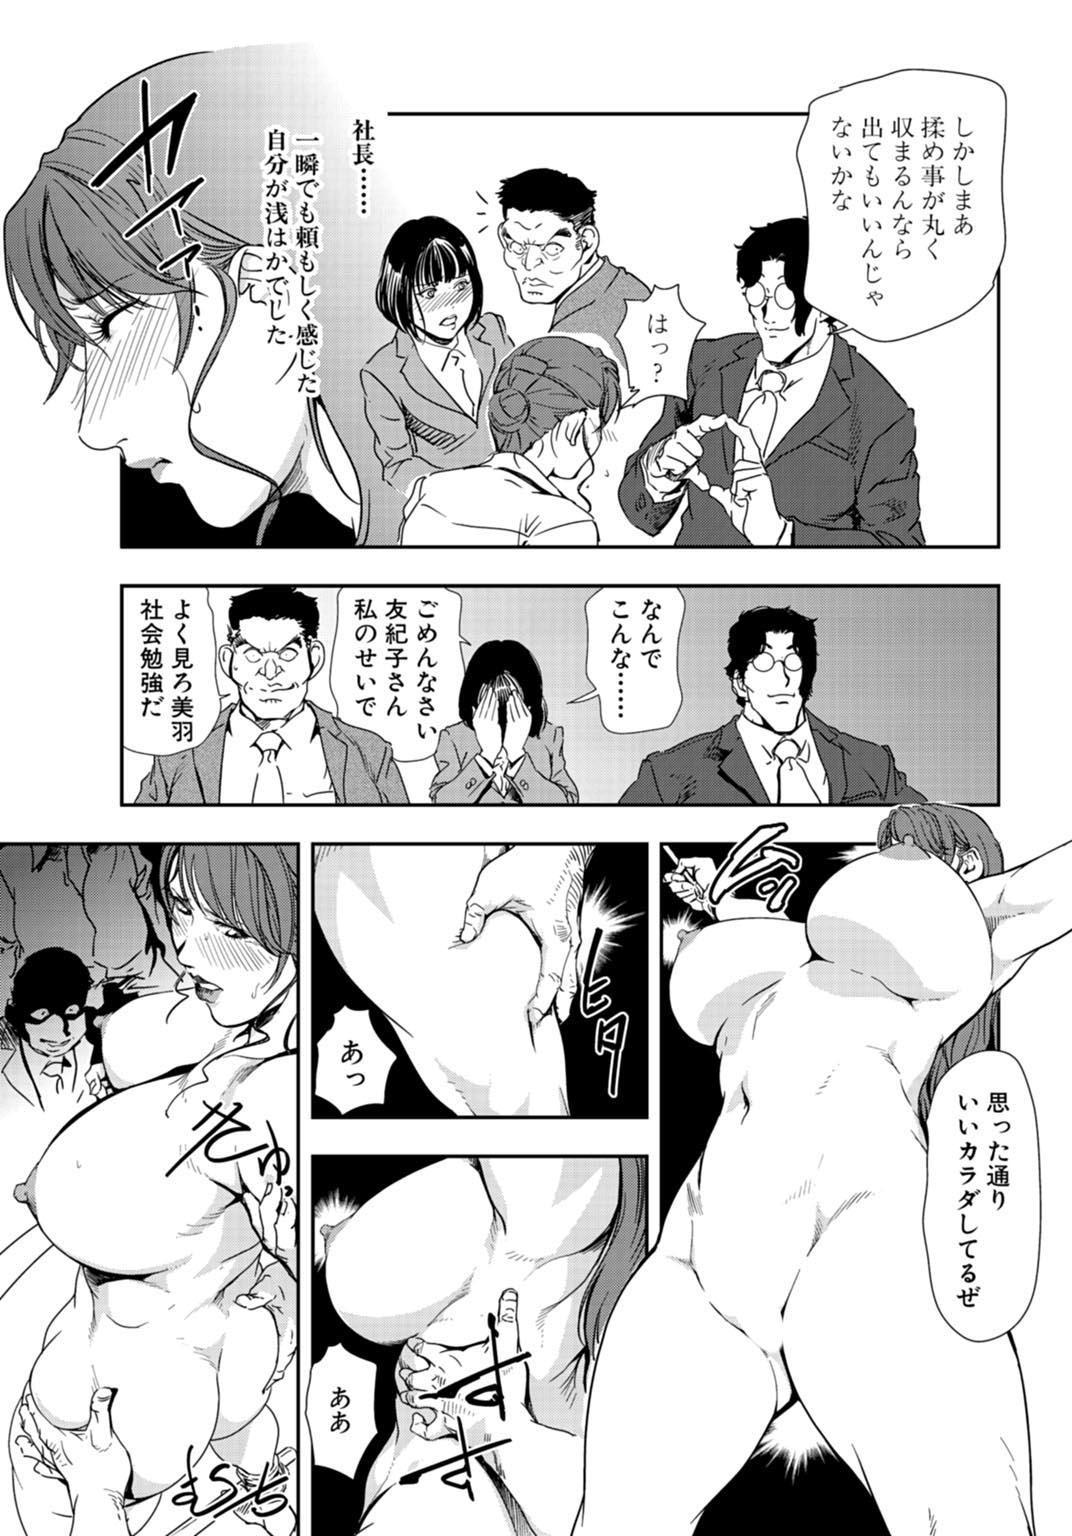 Nikuhisyo Yukiko 25 61